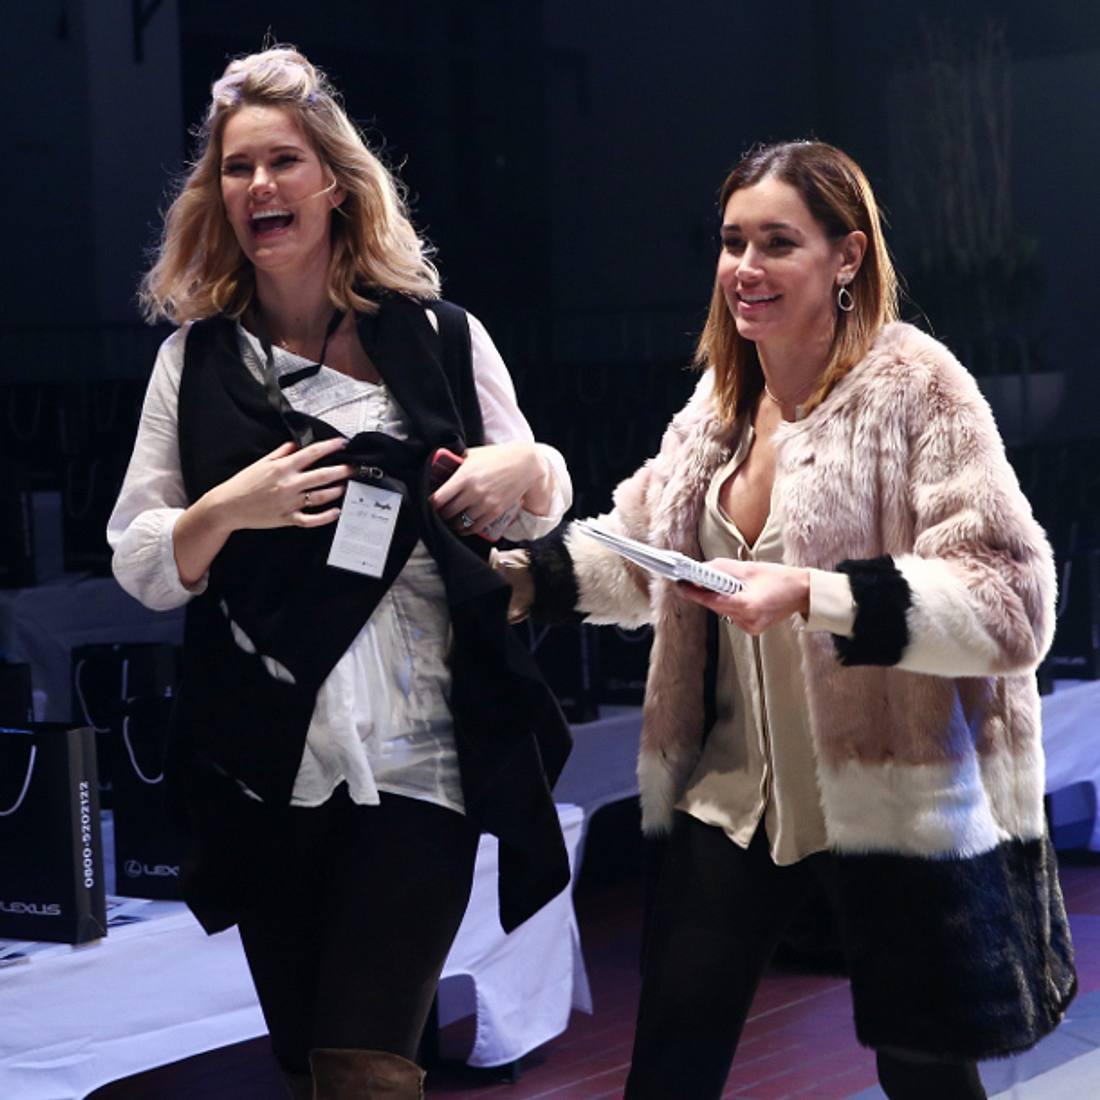 Jana Ina Zarrella und Monica Invancan sprechen über ihre Freundschaft